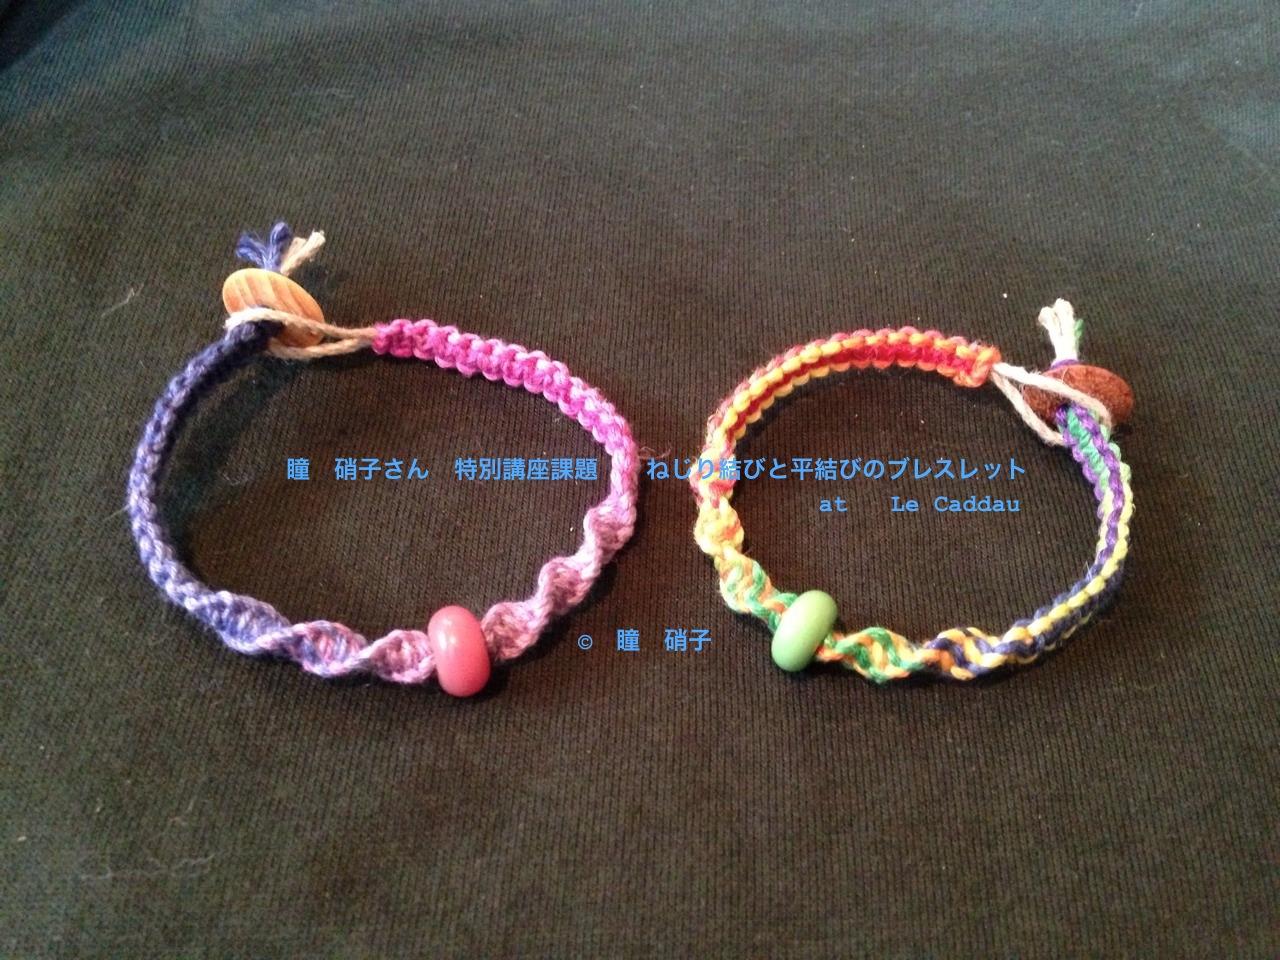 瞳硝子さん特別講座のおしらせ_e0112378_17404152.jpg